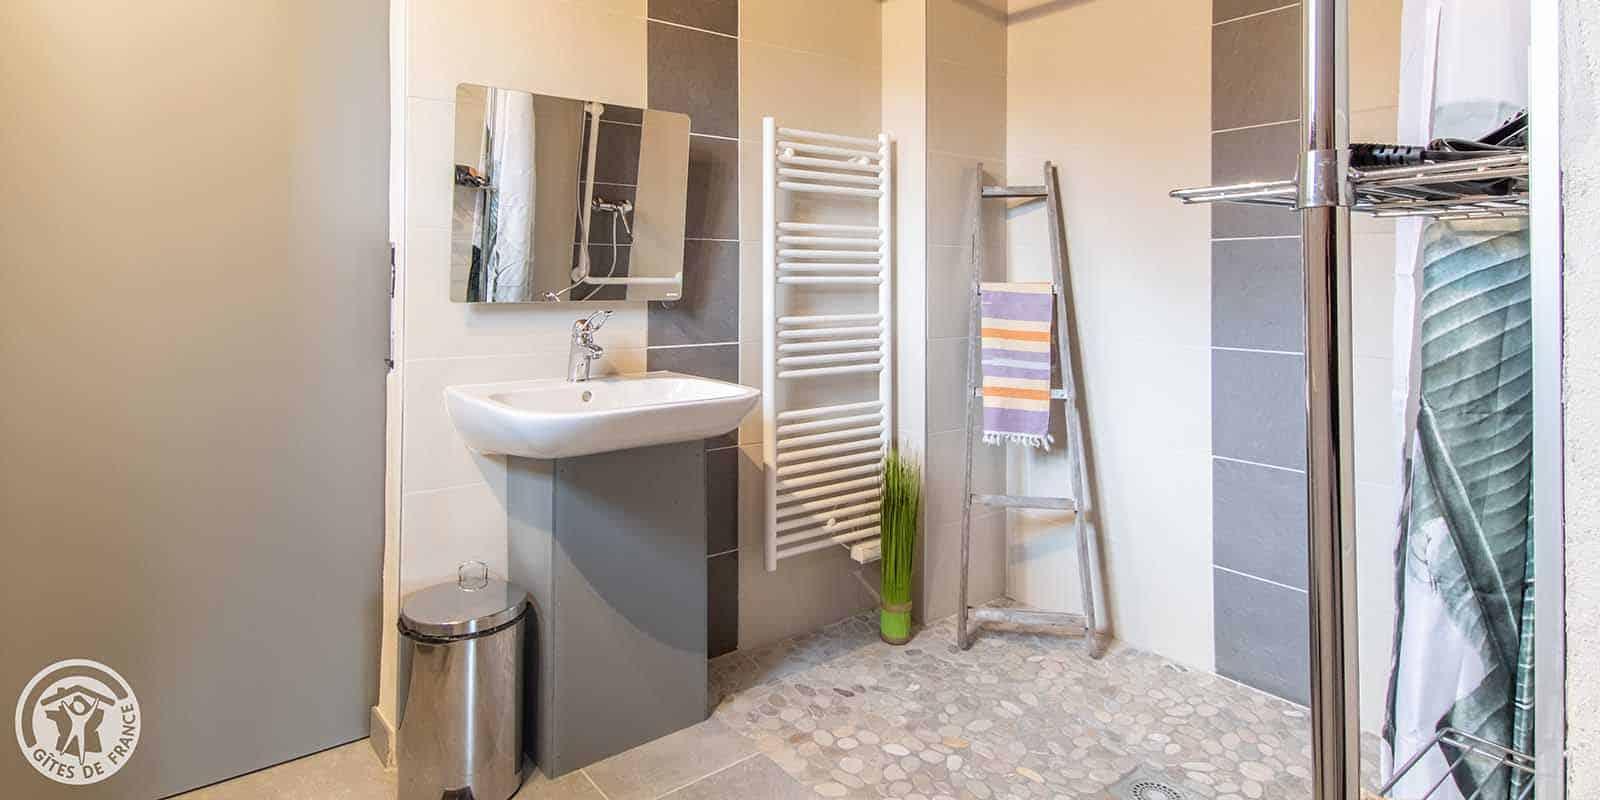 La salle de bain a été conçu pour être accessible par tous